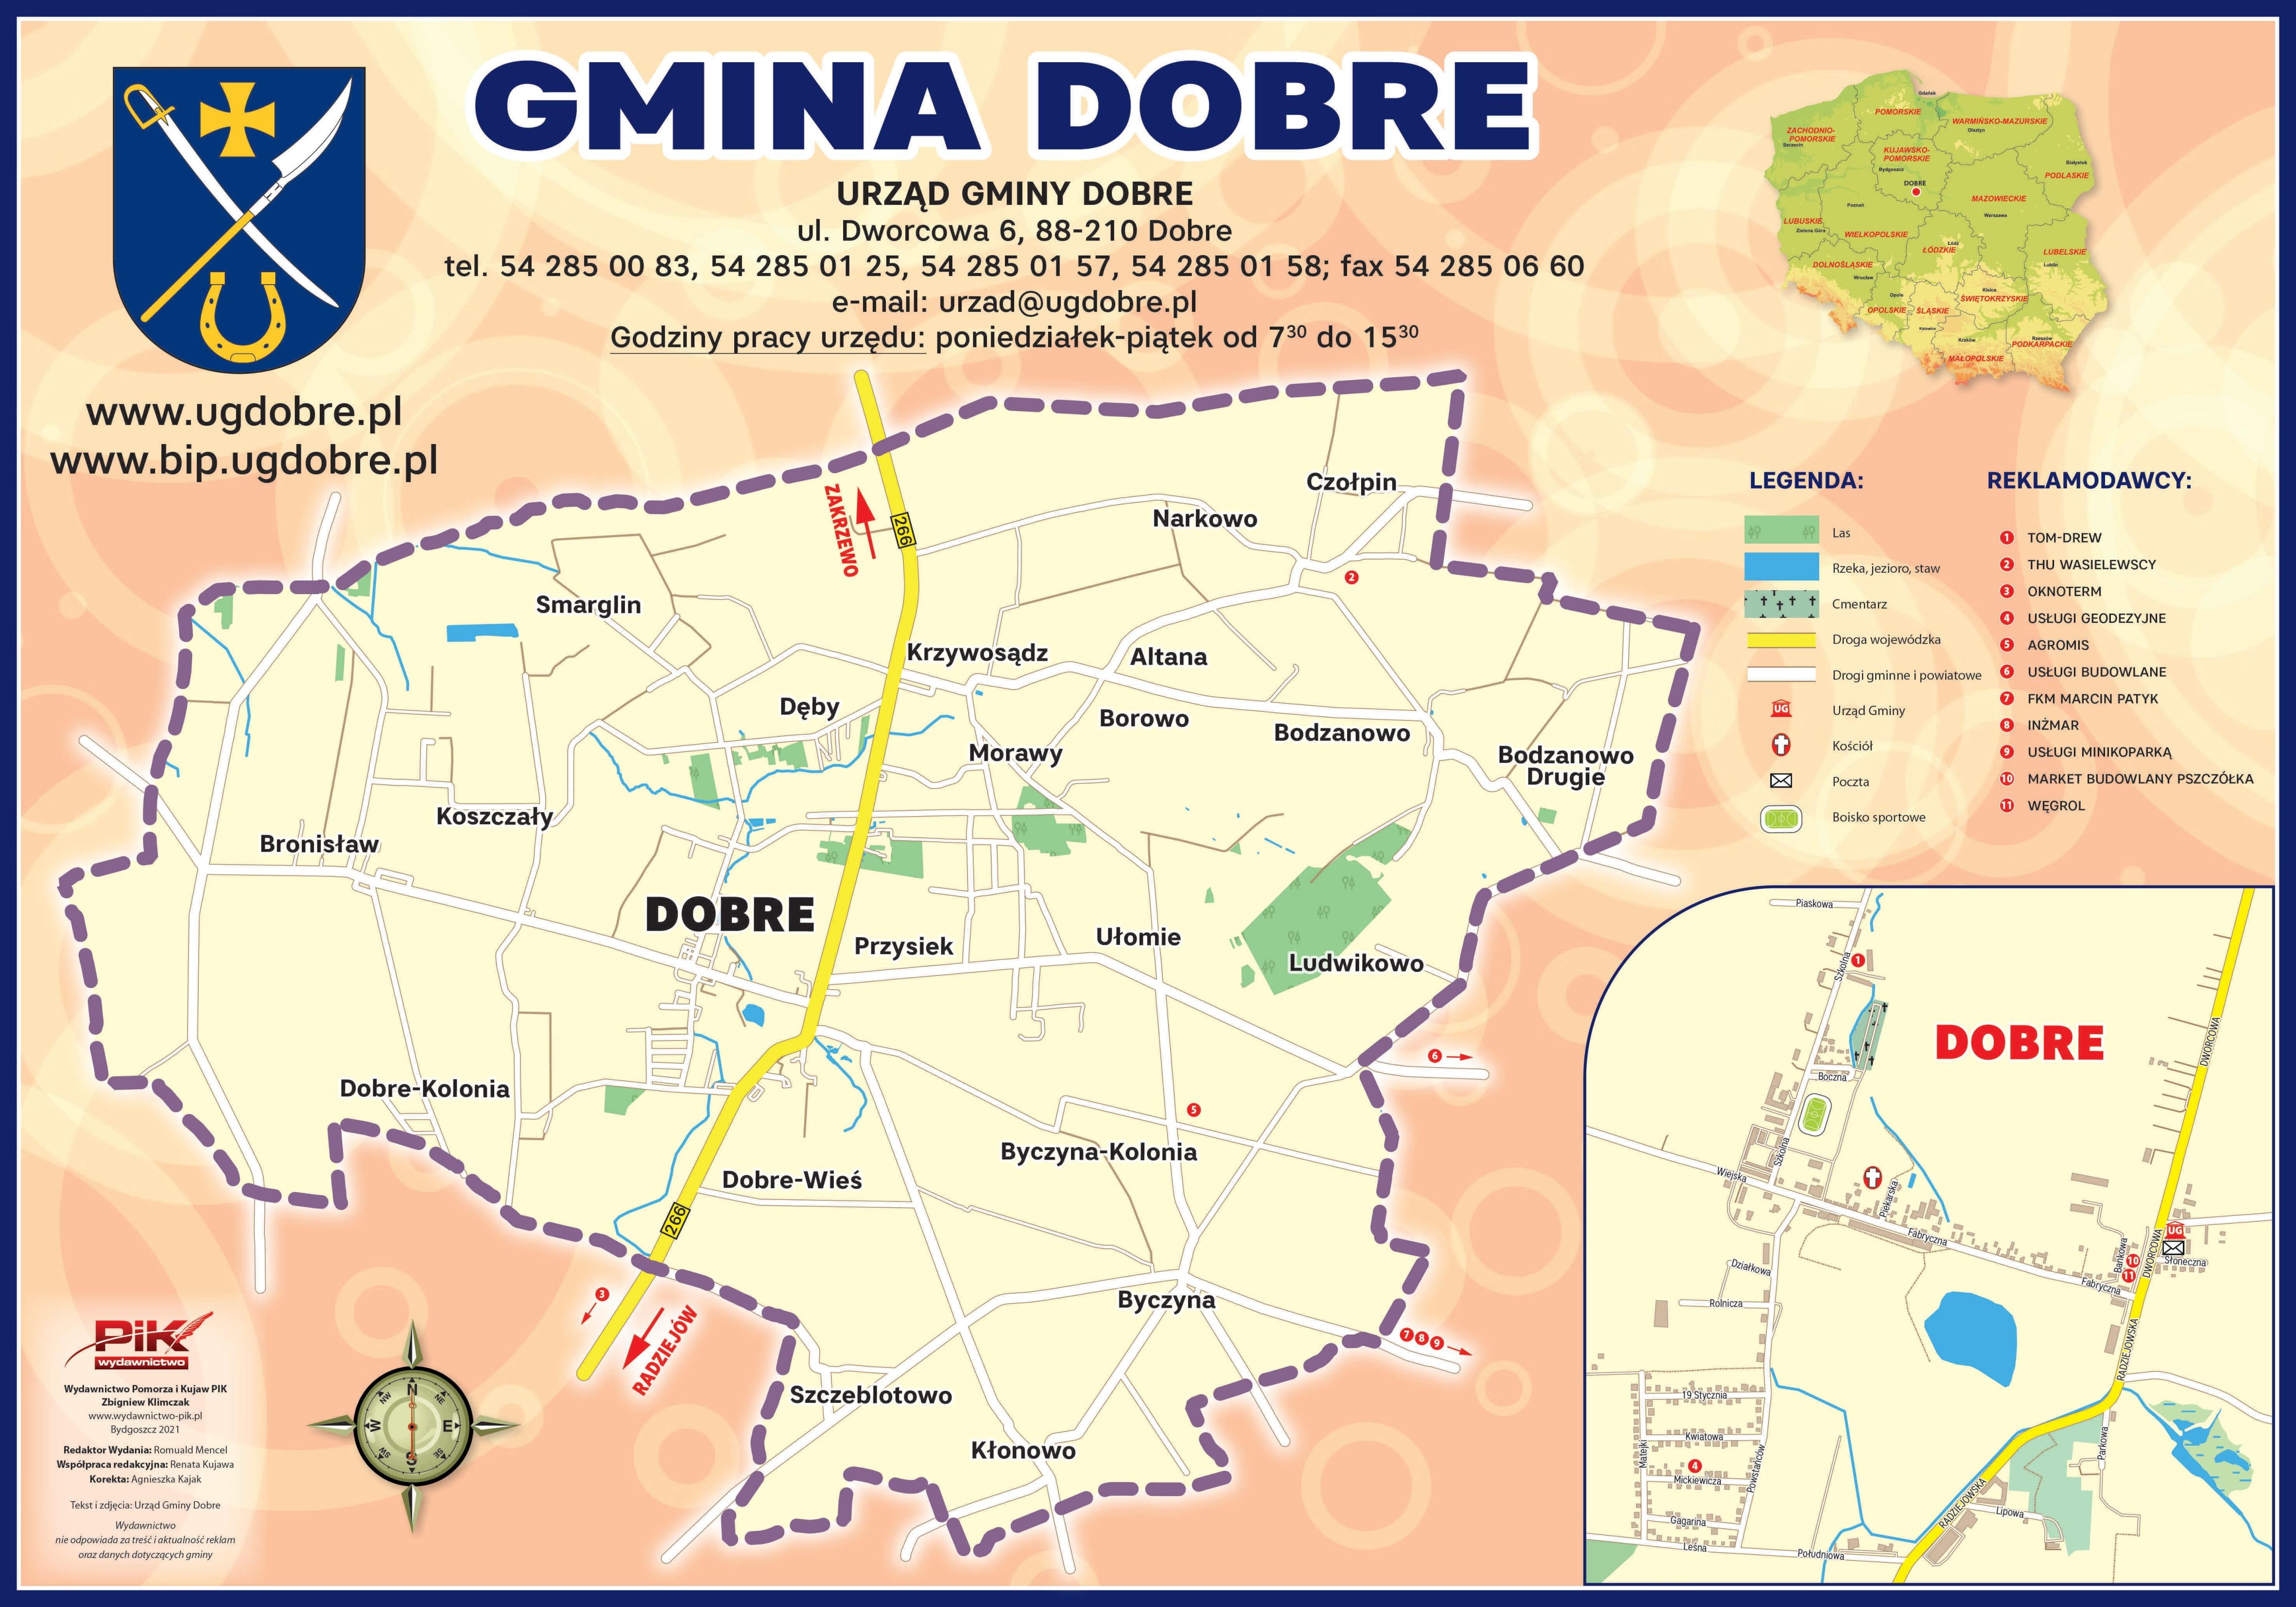 Mapa Gminy Dobre-1.jpg (1.21 MB)